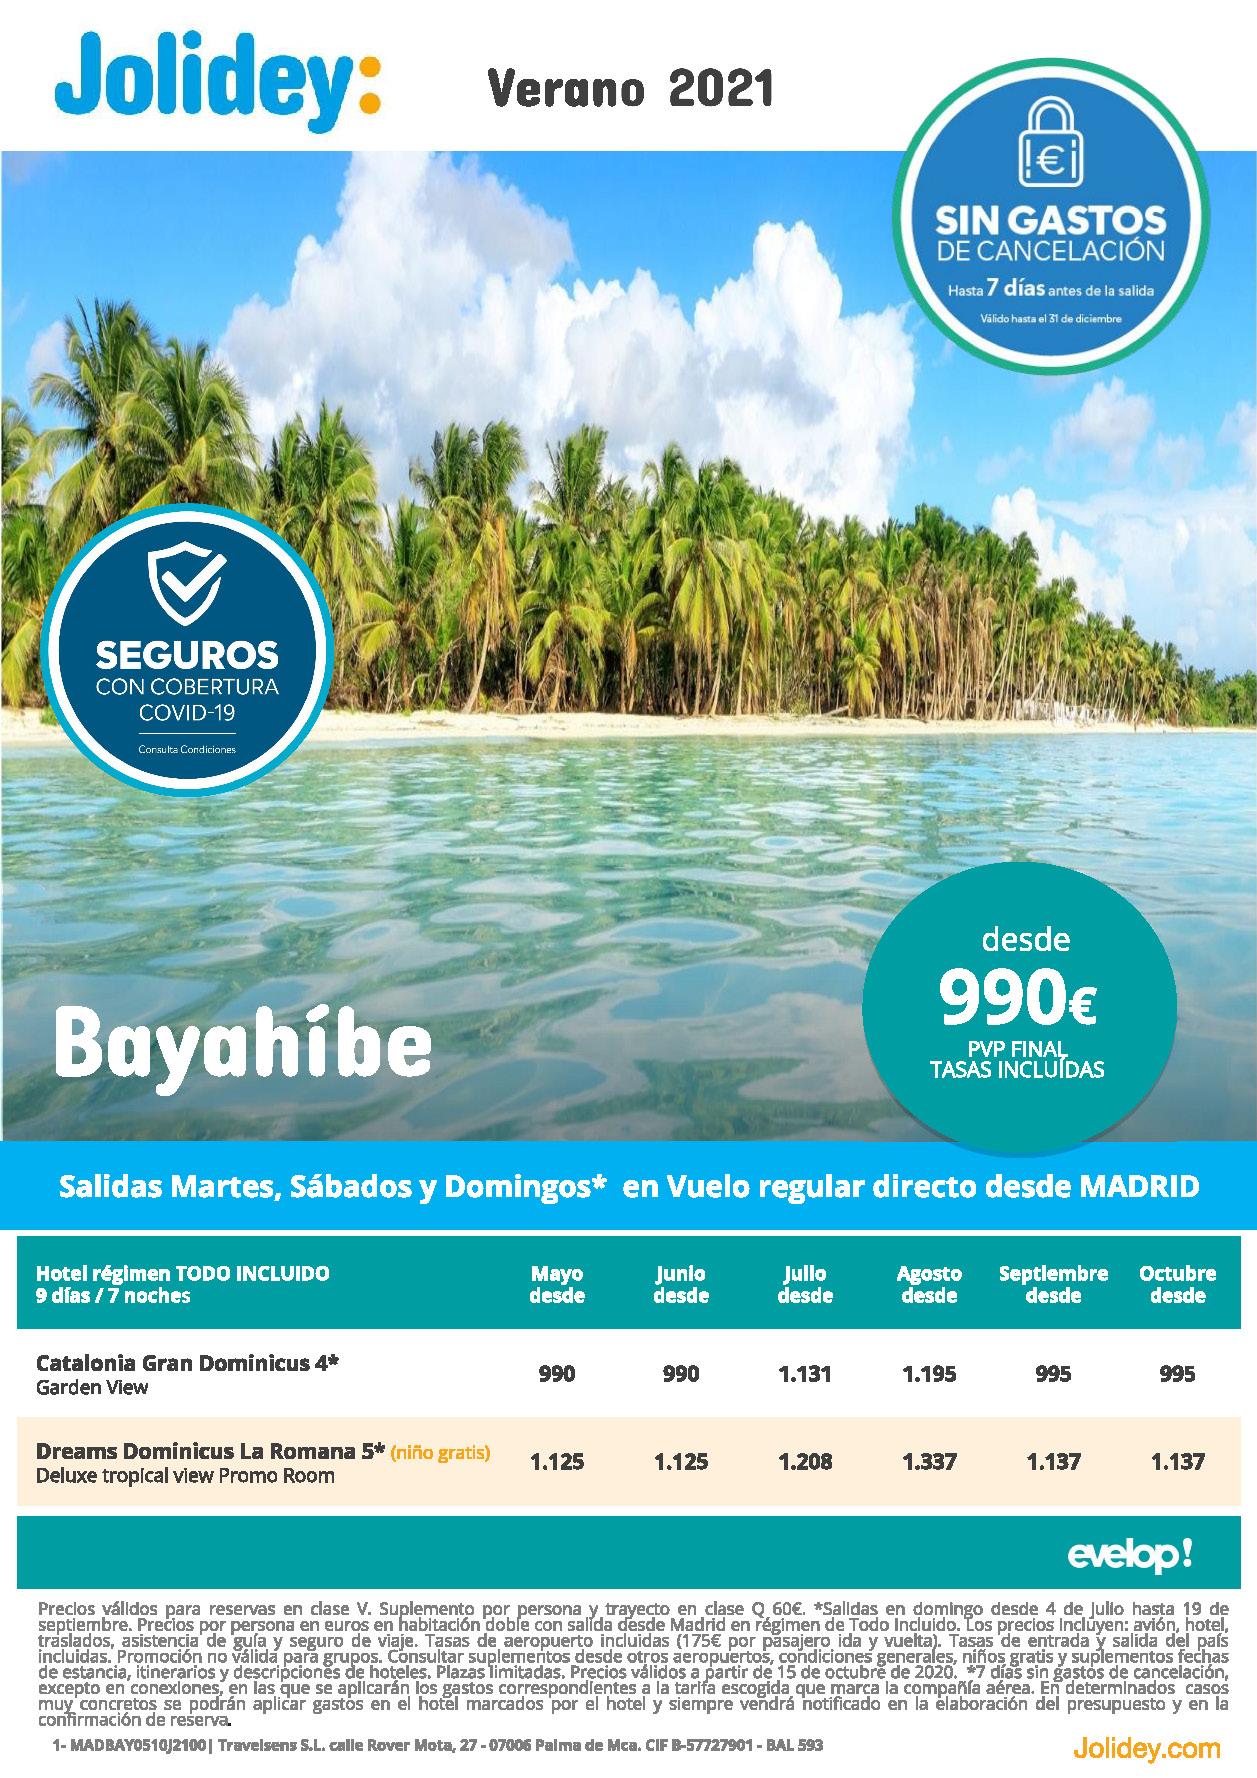 Oferta Jolidey Republica Dominicana Bayahibe Verano 2021 vuelo directo desde Madrid